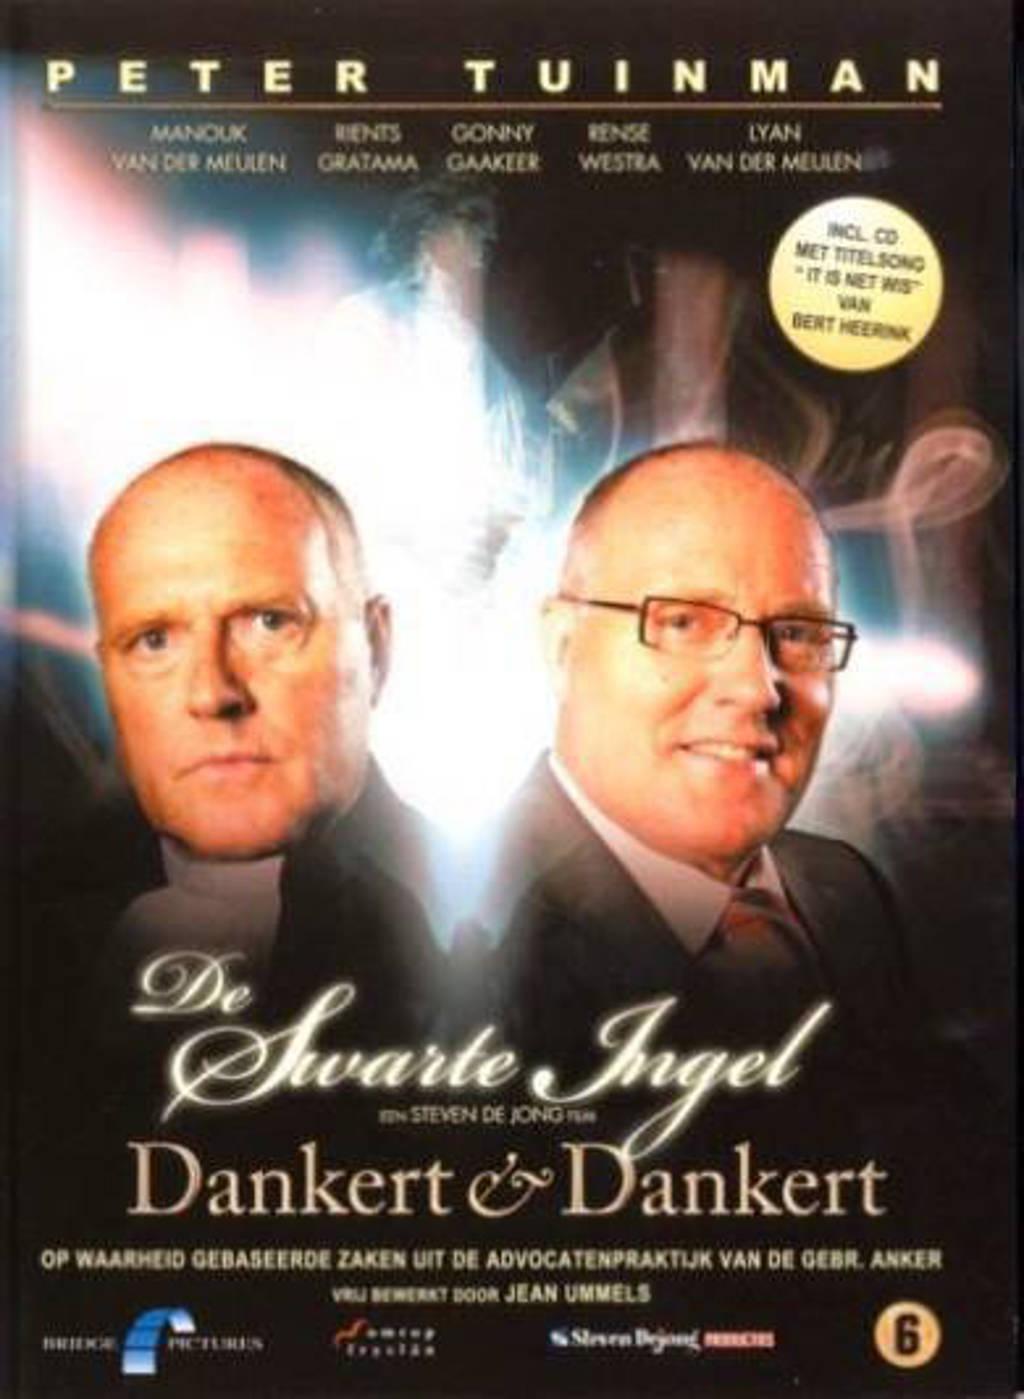 Dankert & Dankert-de swarte ingel (DVD)